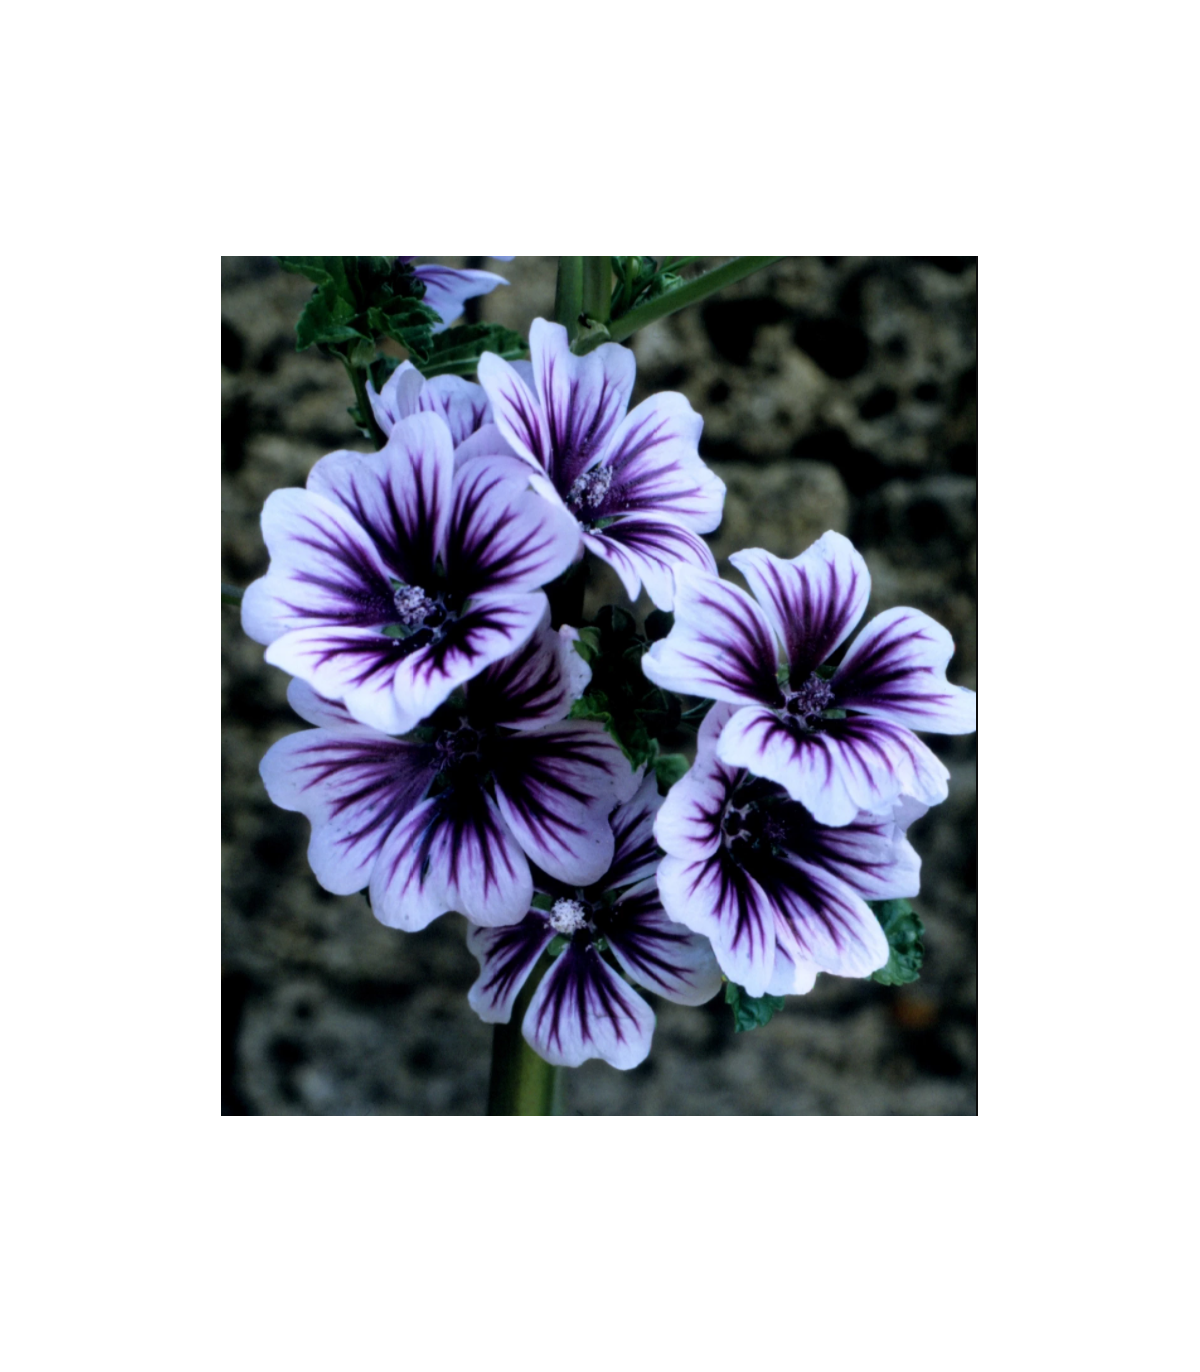 Slez lesný Zebrina- Malva sylvestris - semená slezu - 50 ks